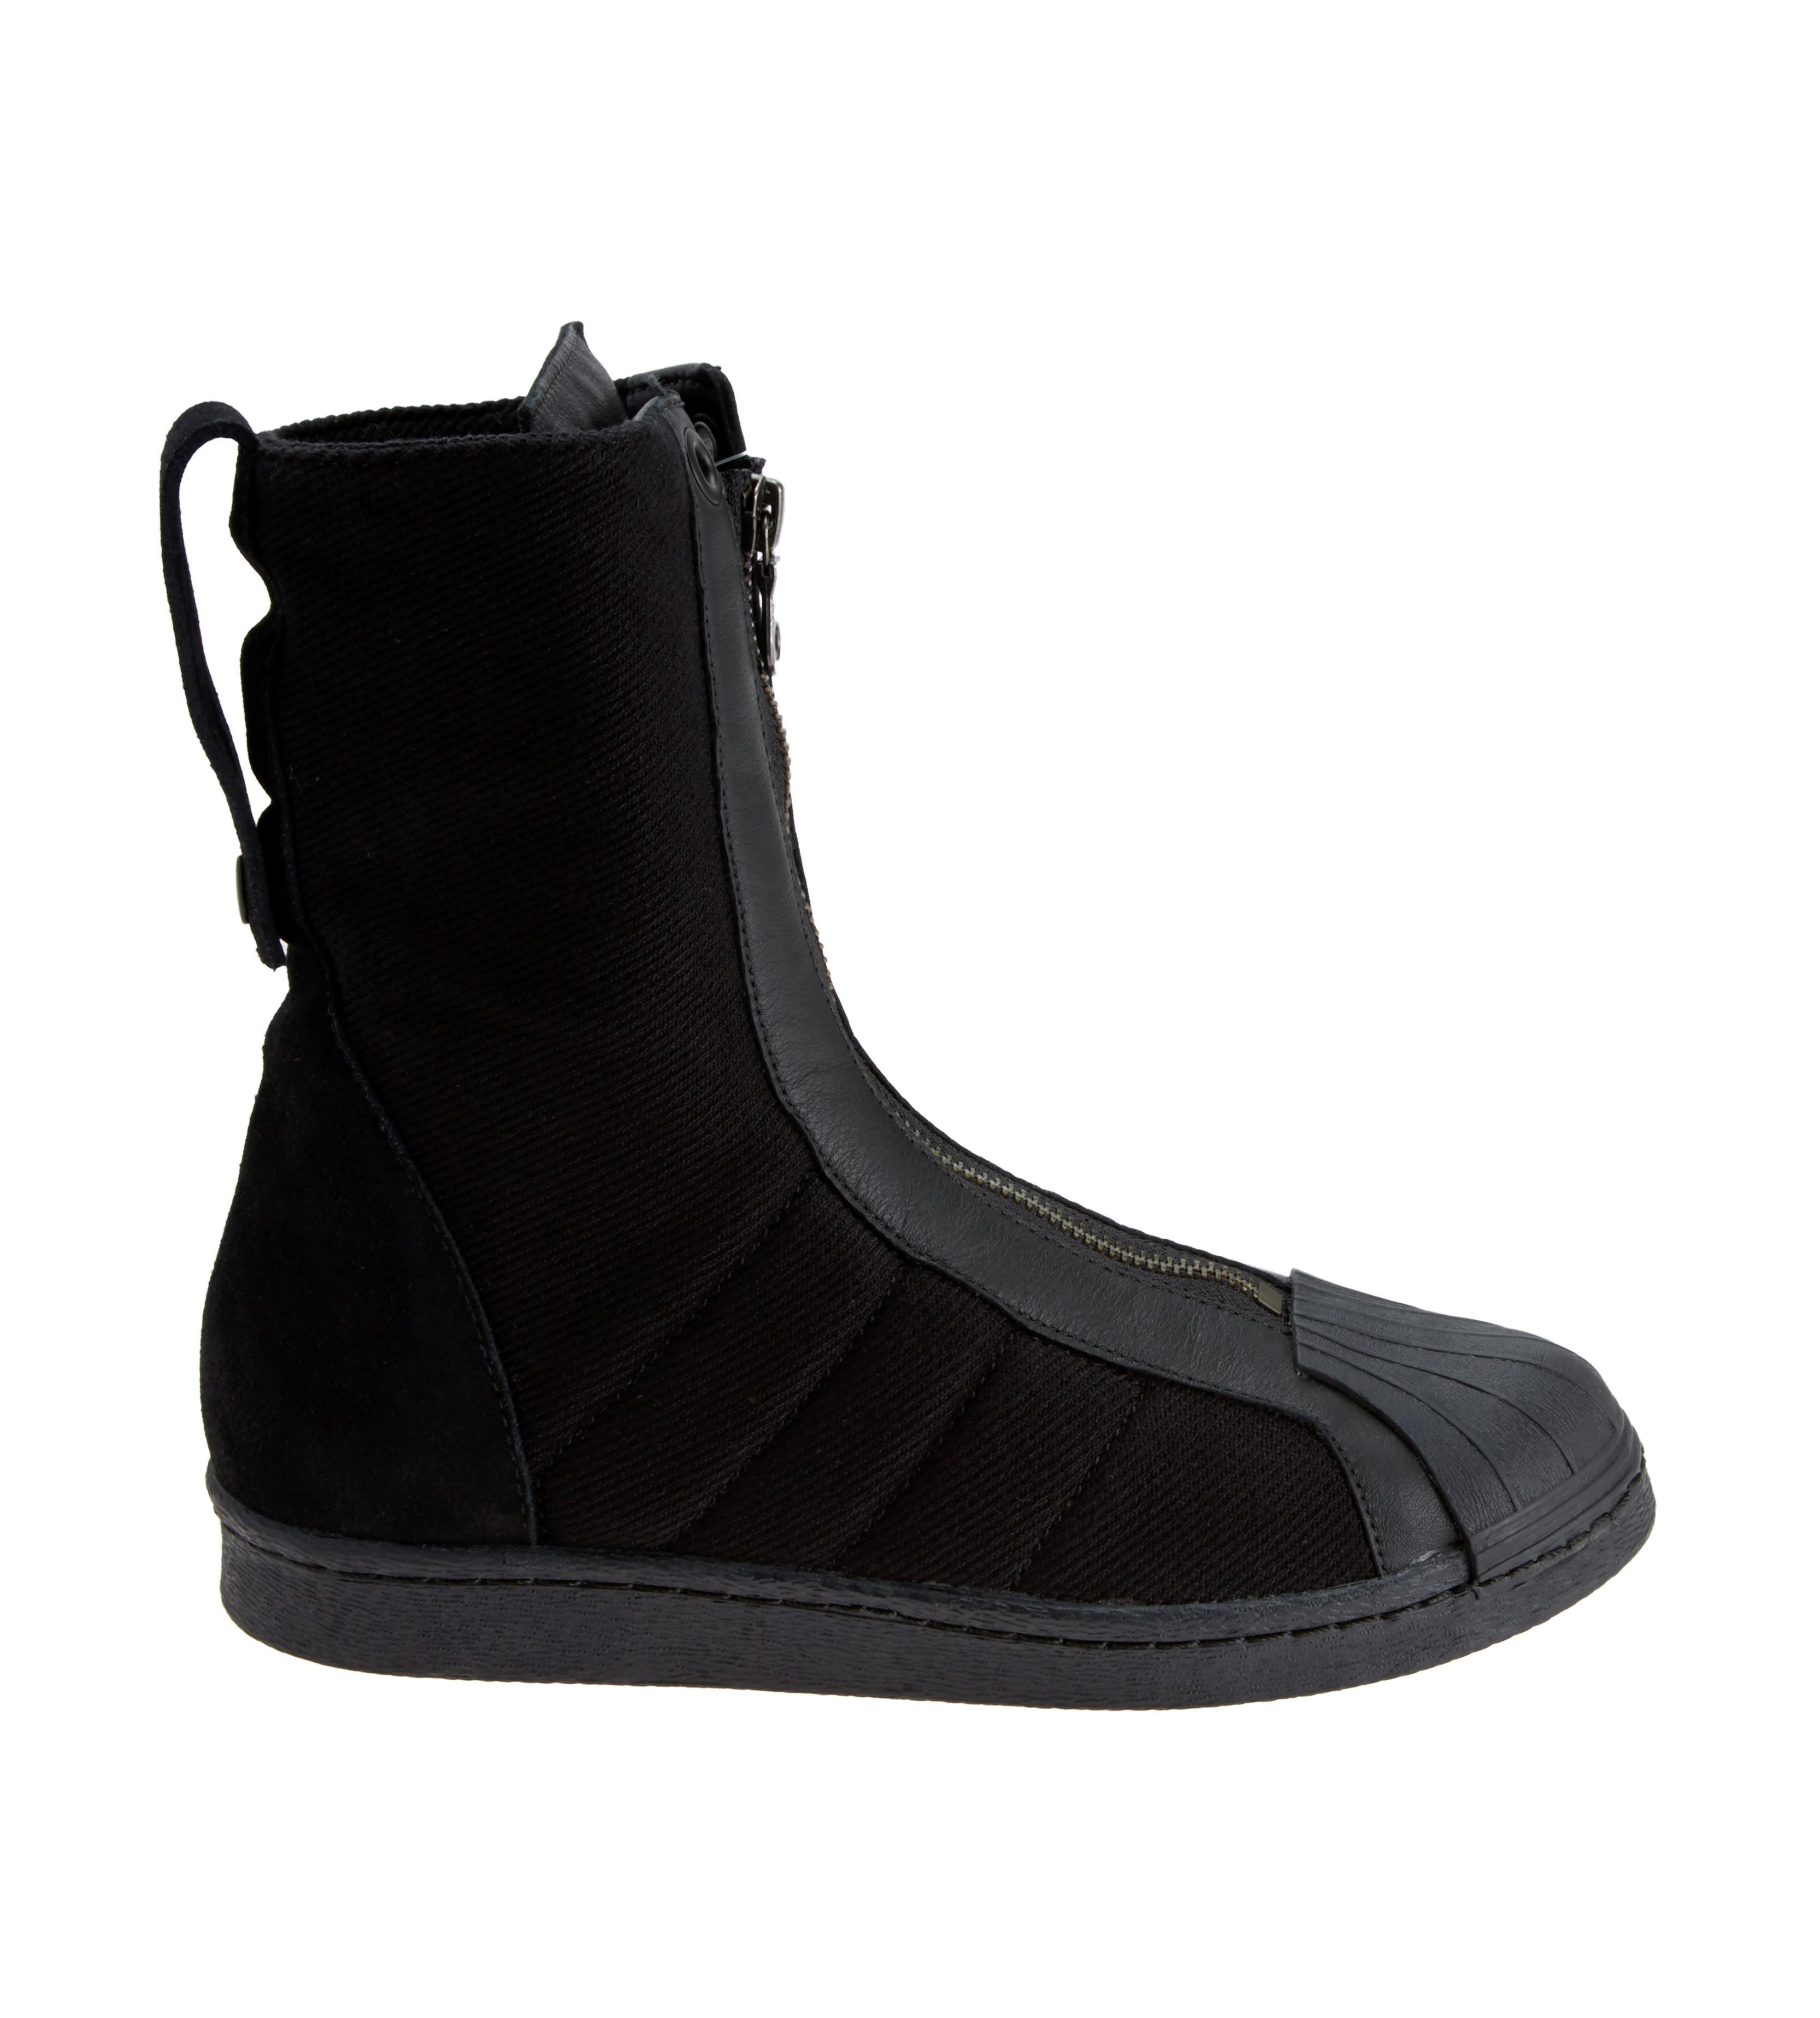 Yohji Yamamoto Gaufrée Chaussures De Sport Avec Fermeture À Glissière - Noir wMEstC